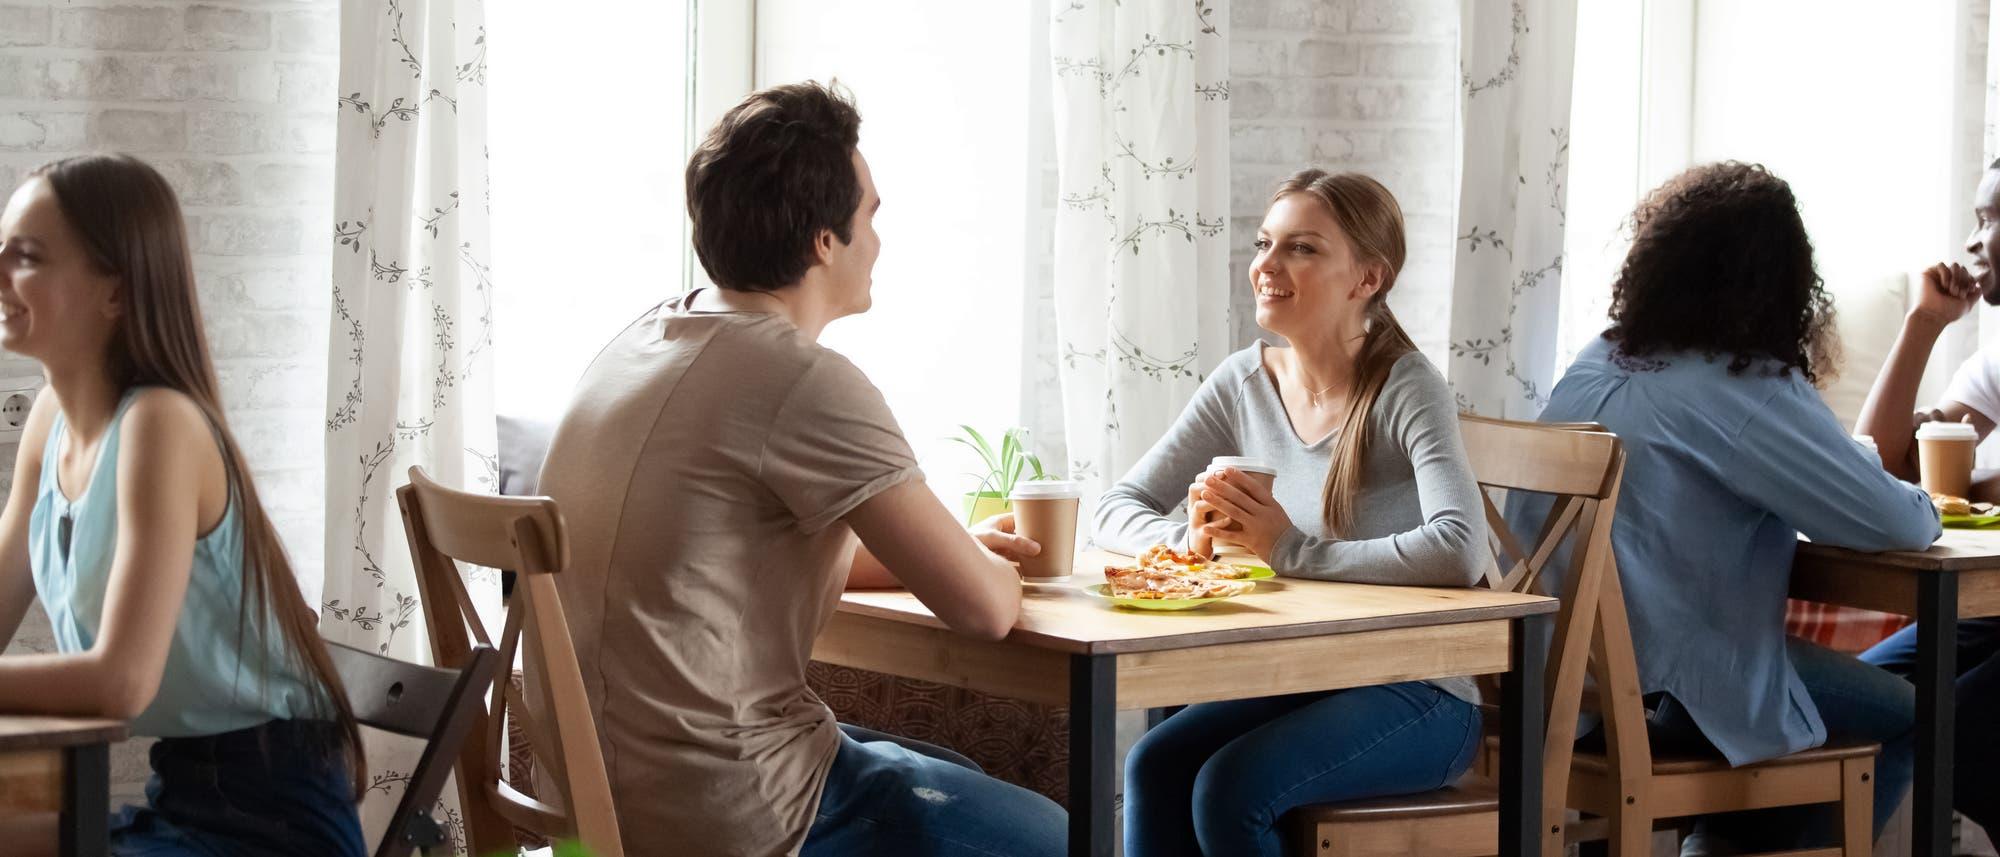 Mann und Frau sitzen im Café am Tisch und plaudern